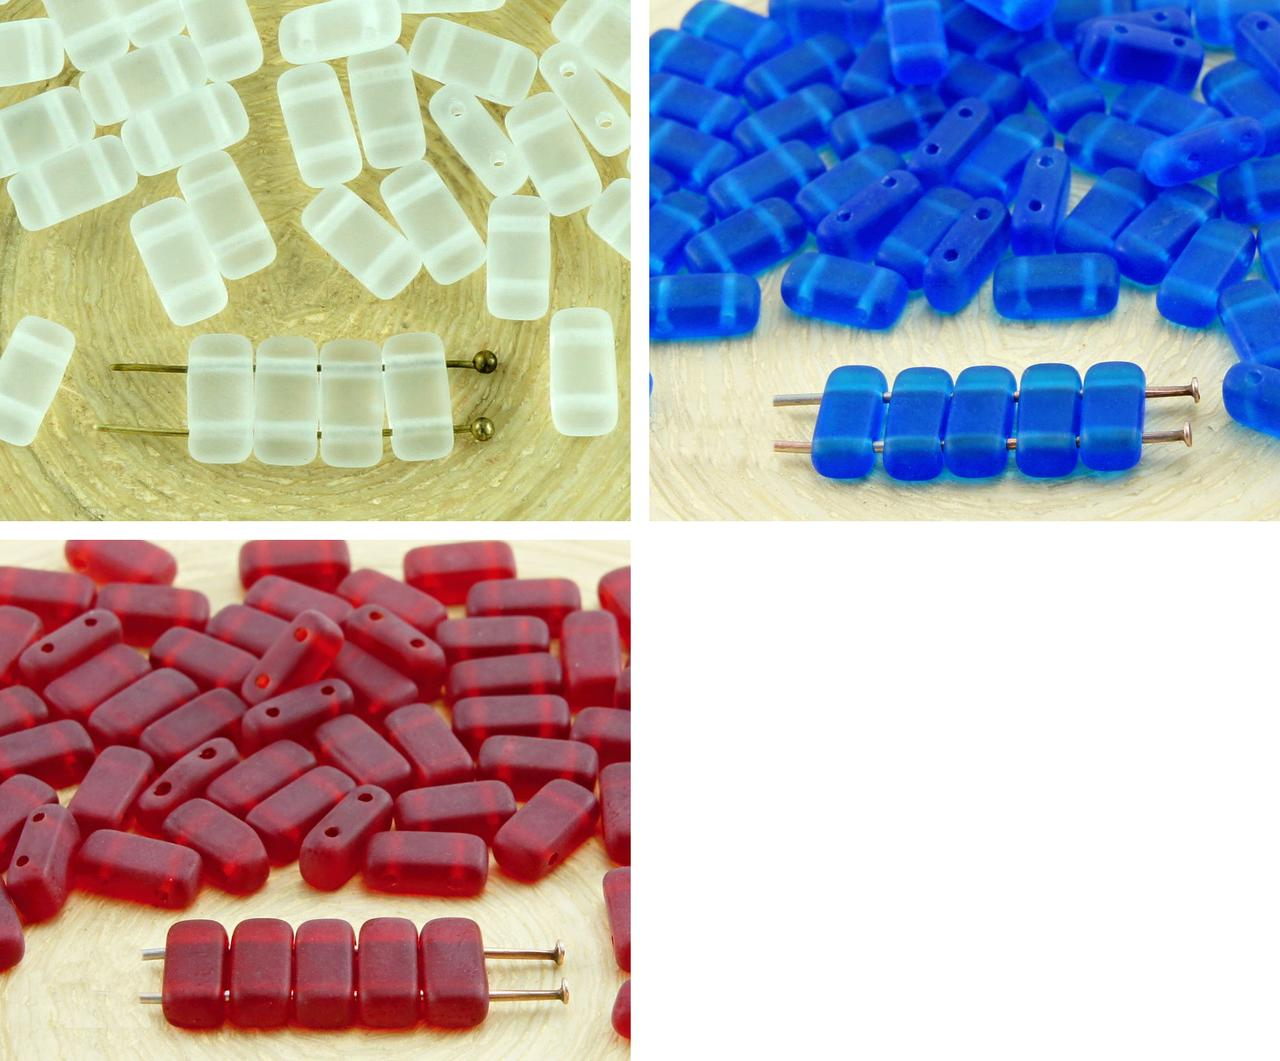 40pcs Matte Crystal Frosted Sea Glass Flat Bricks Rectangle Bar 2 Two Hole Czech Beads 8mm X 4mm для $ 2.61 из Czech Beads Exclusive